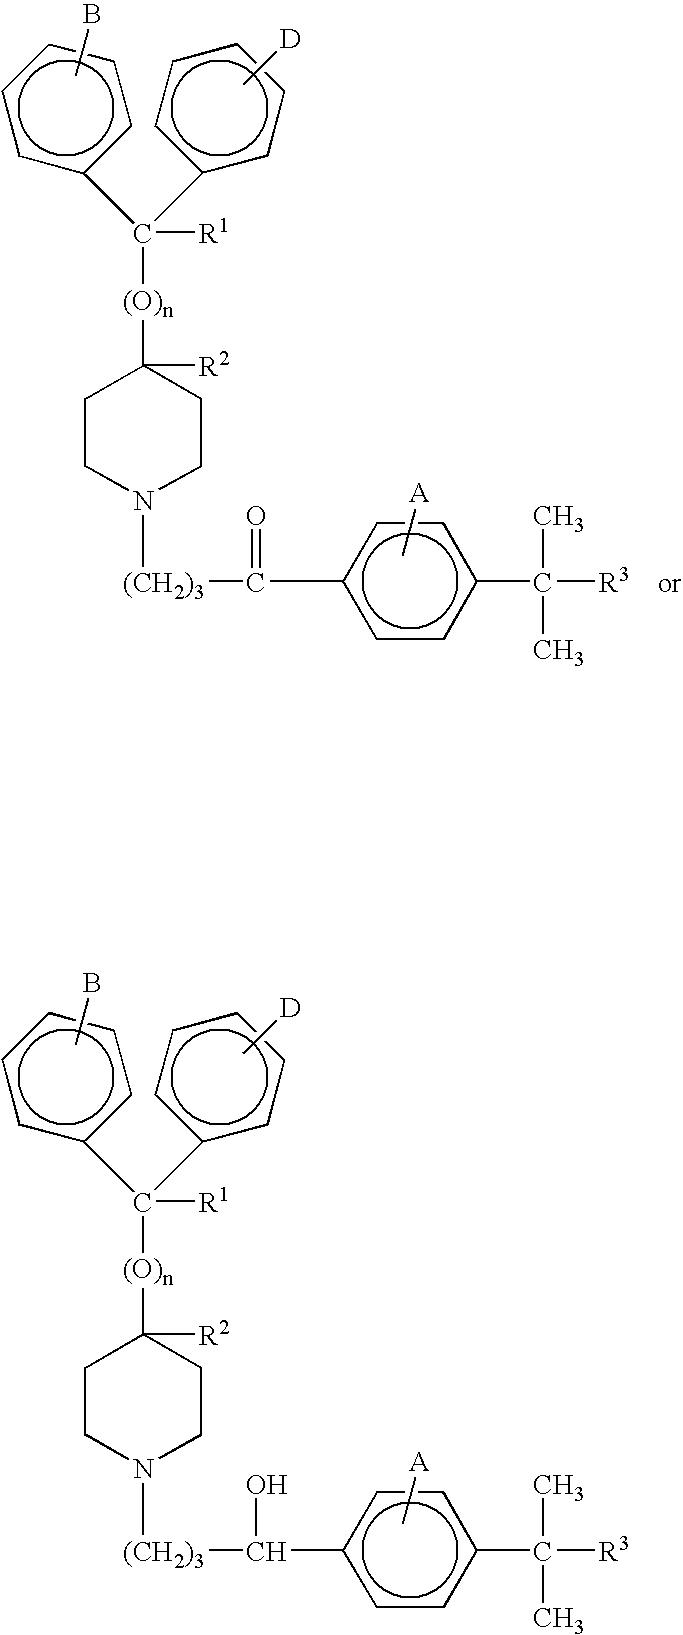 Figure US20070010677A1-20070111-C00007